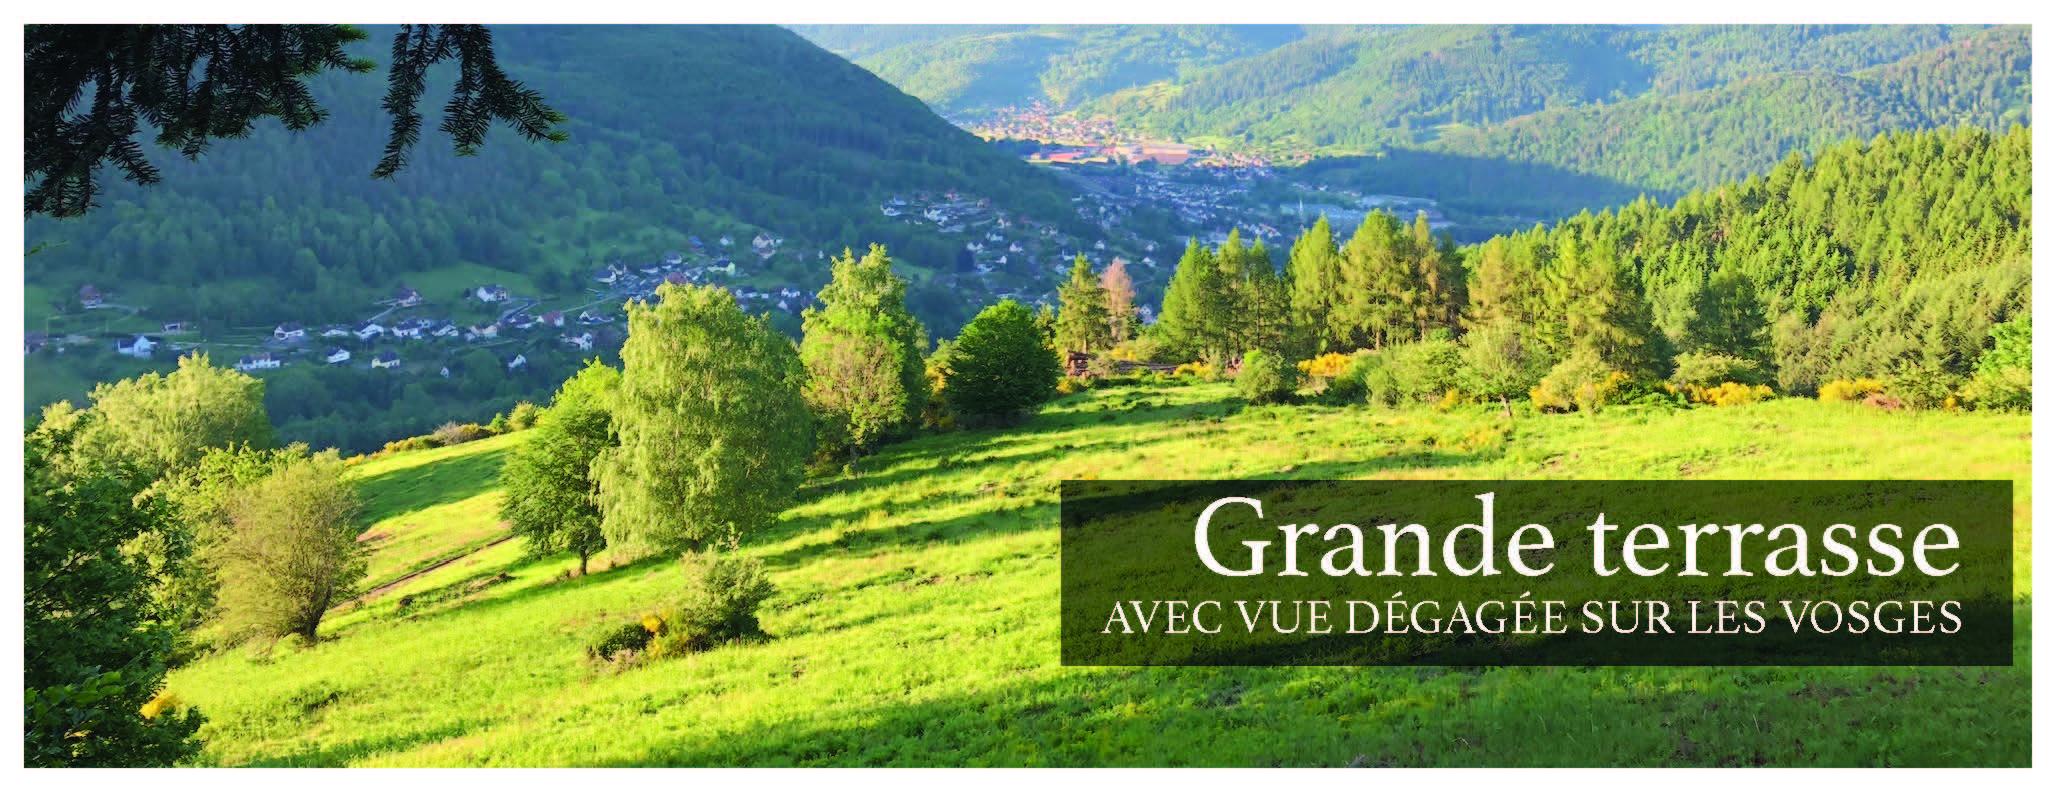 Relais de chasse _Fels_Saint-Amarin 2_Page_15